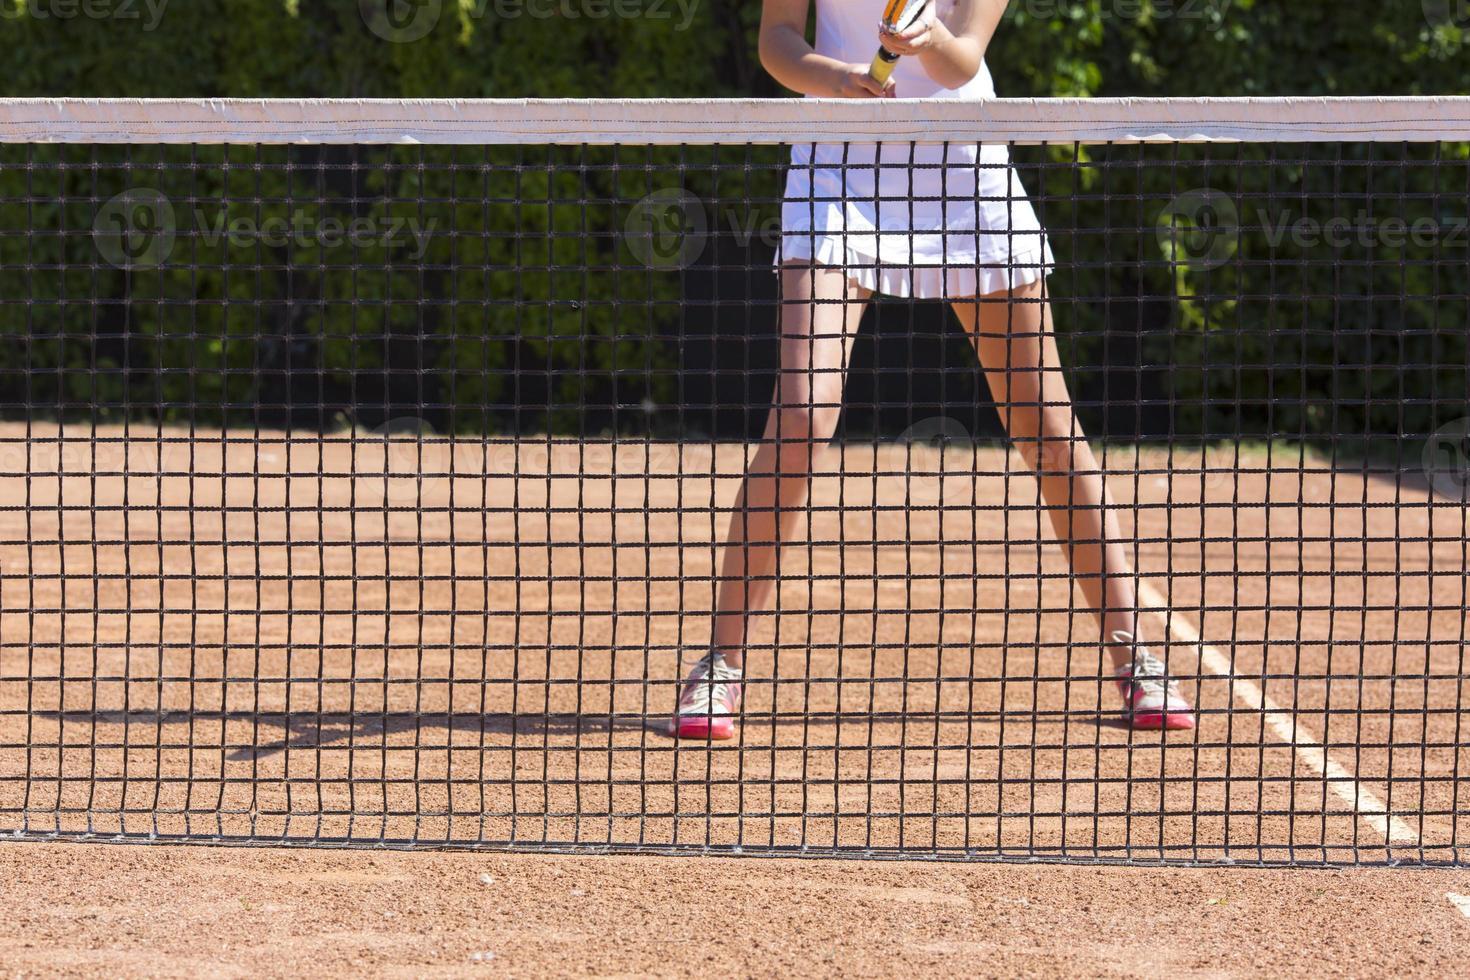 slanke benen van vrouwelijke tennisatleet achter visnetbarrière foto